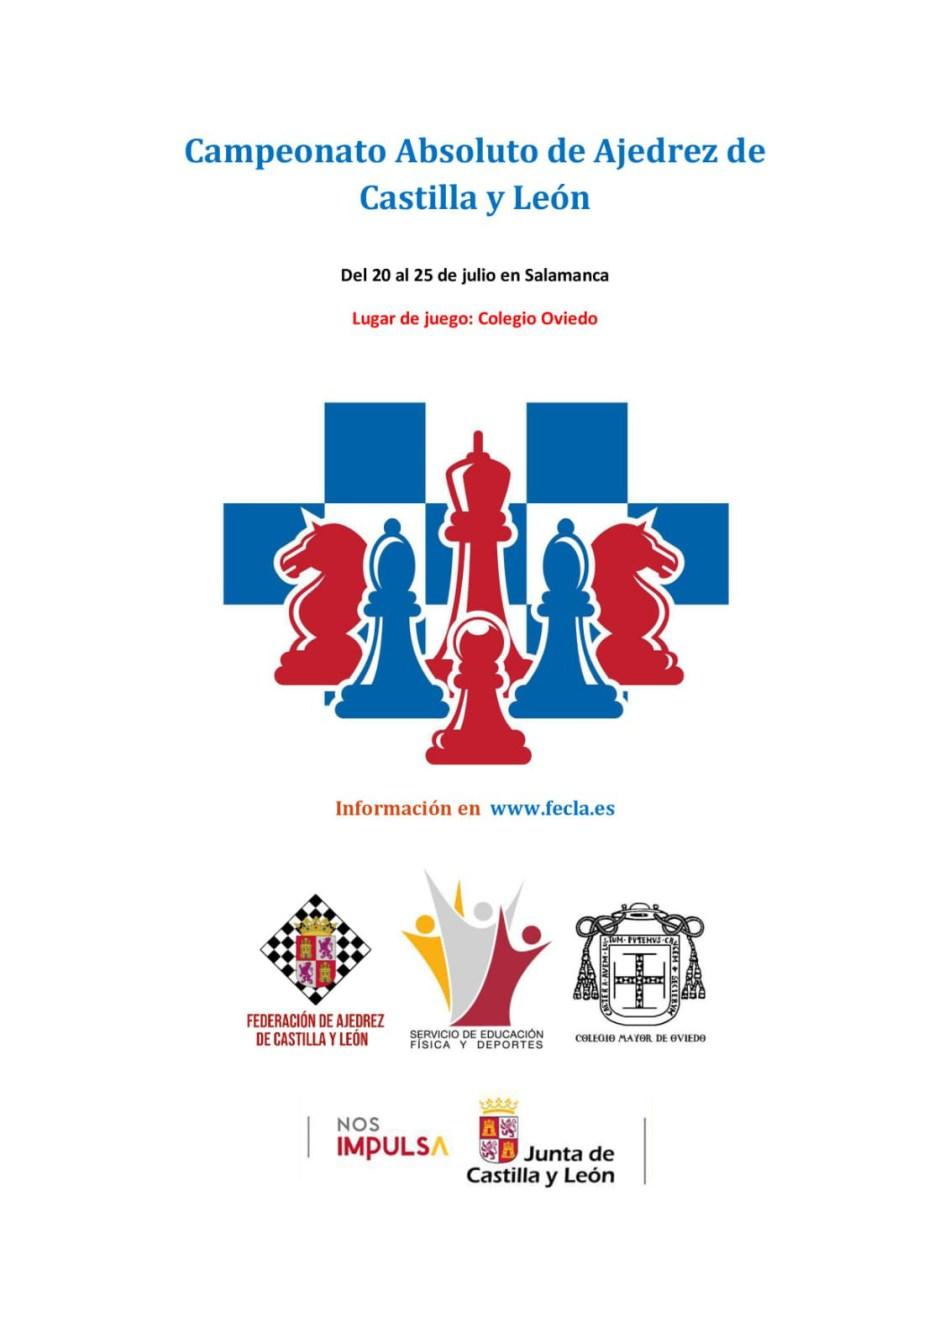 Campeonato Absoluto Castilla y León